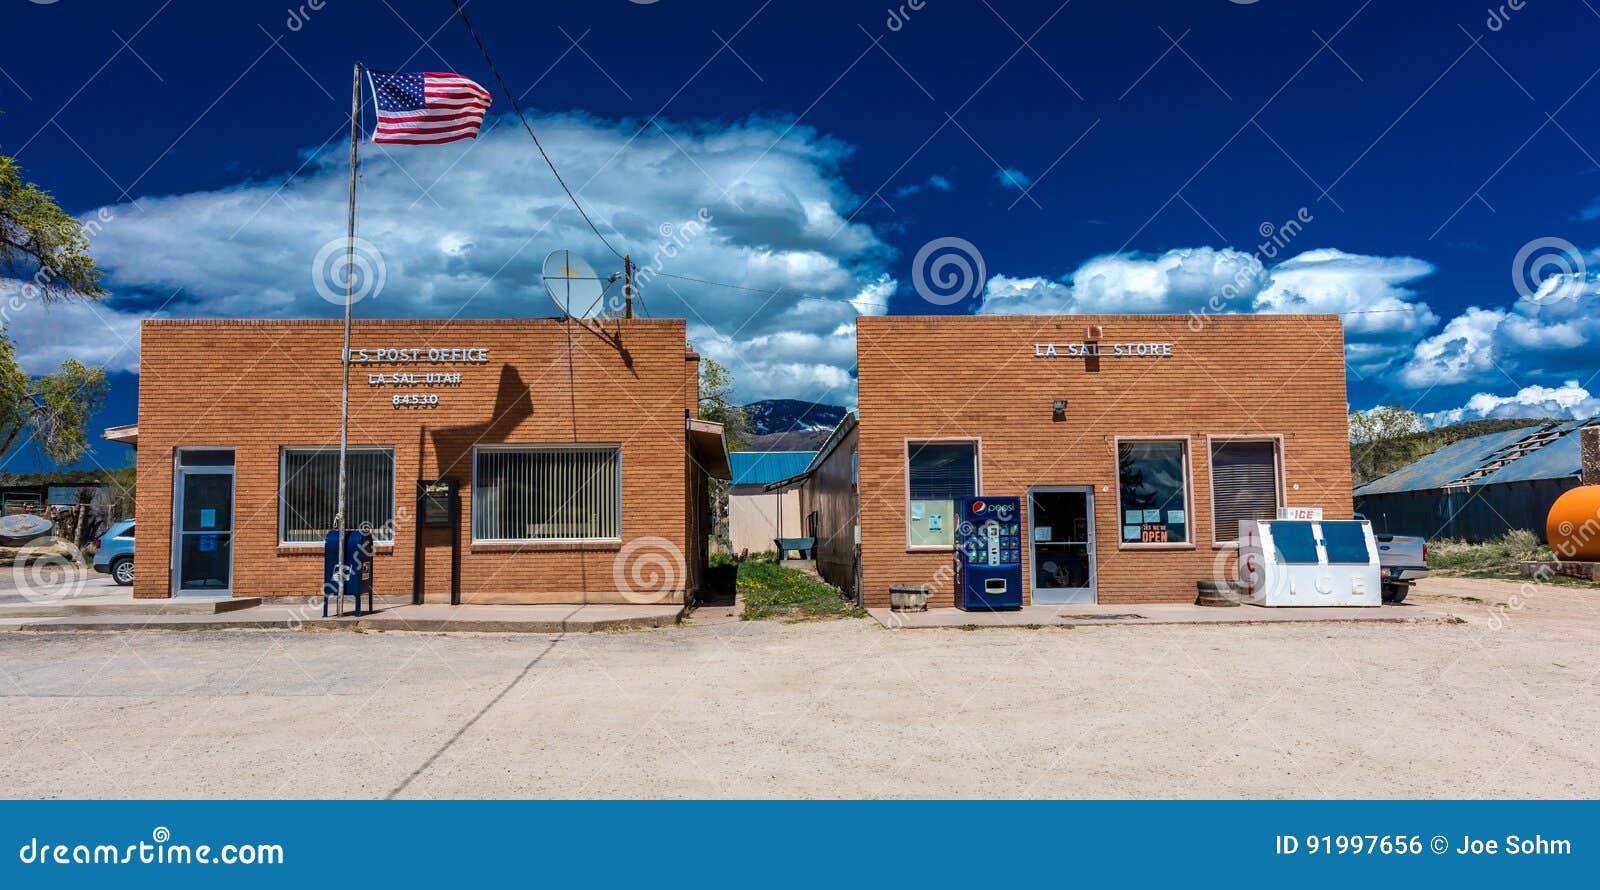 La Sal Utah US Post Office Zip Code  A Small Town In The - Usa zip code utah